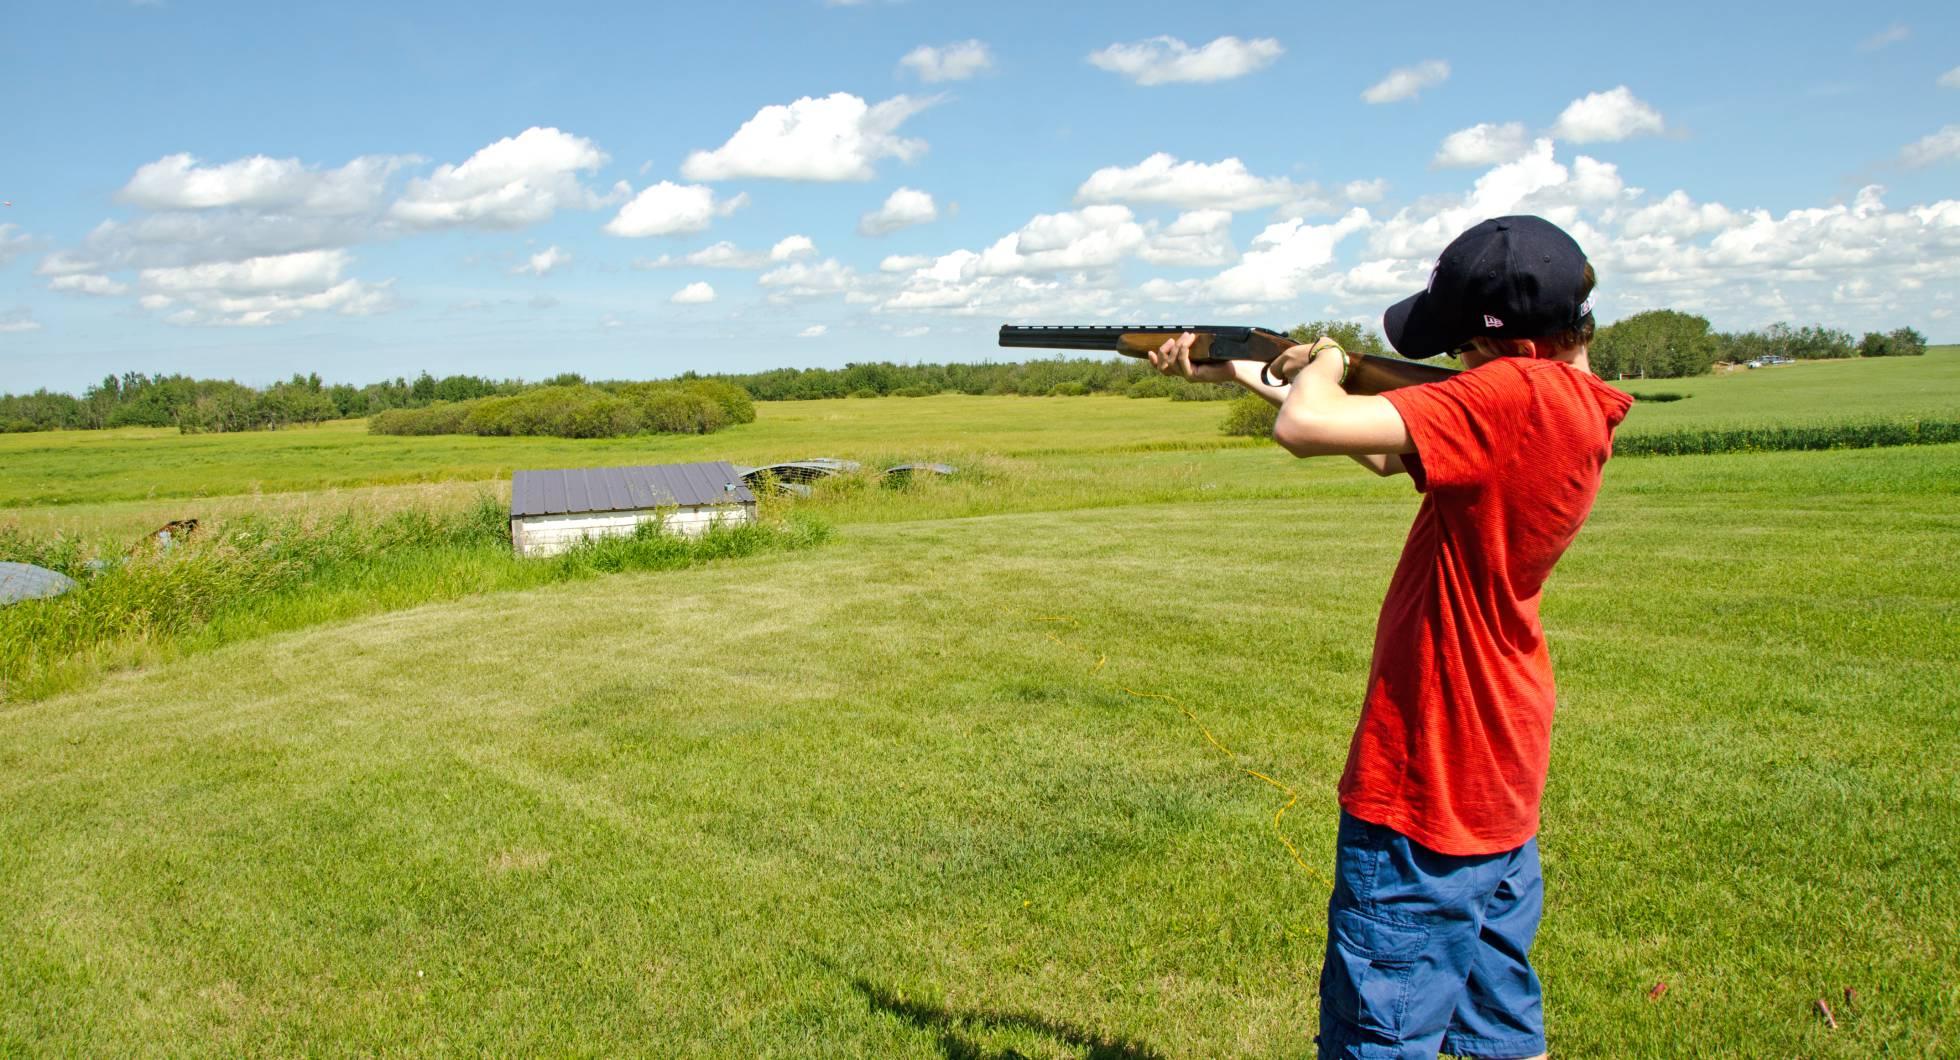 Los menores de 10 años podrán cazar en Wisconsin